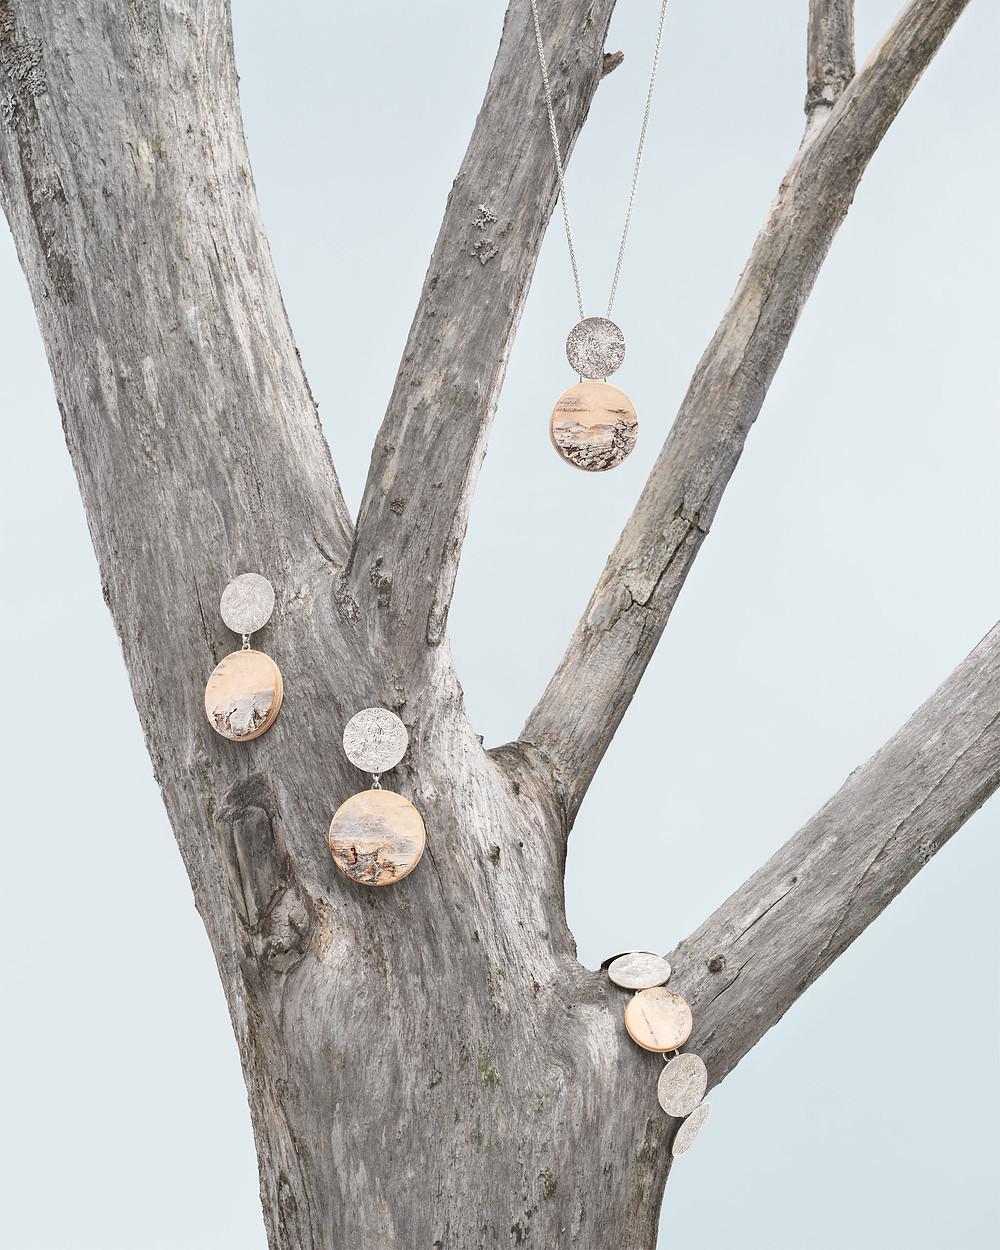 Vuoden koruksi valitun sarjan kaulakoru, rannerengas sekä korvakorut aseteltuna puunoksalle.